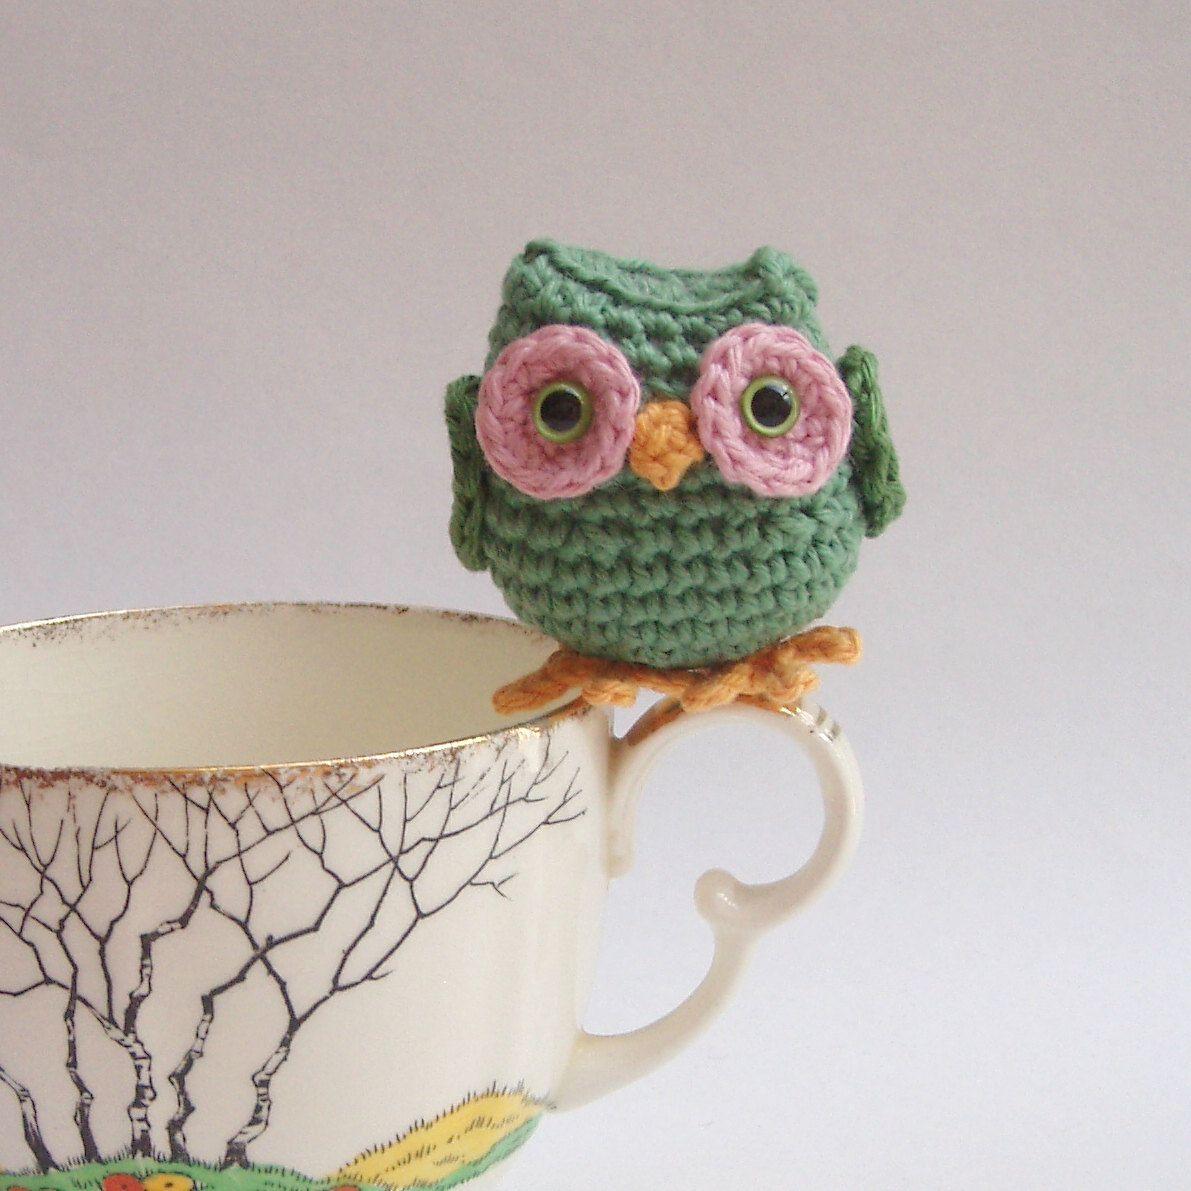 crochet owl, tiny green crochet amigurumi owl. $15.00, via Etsy.